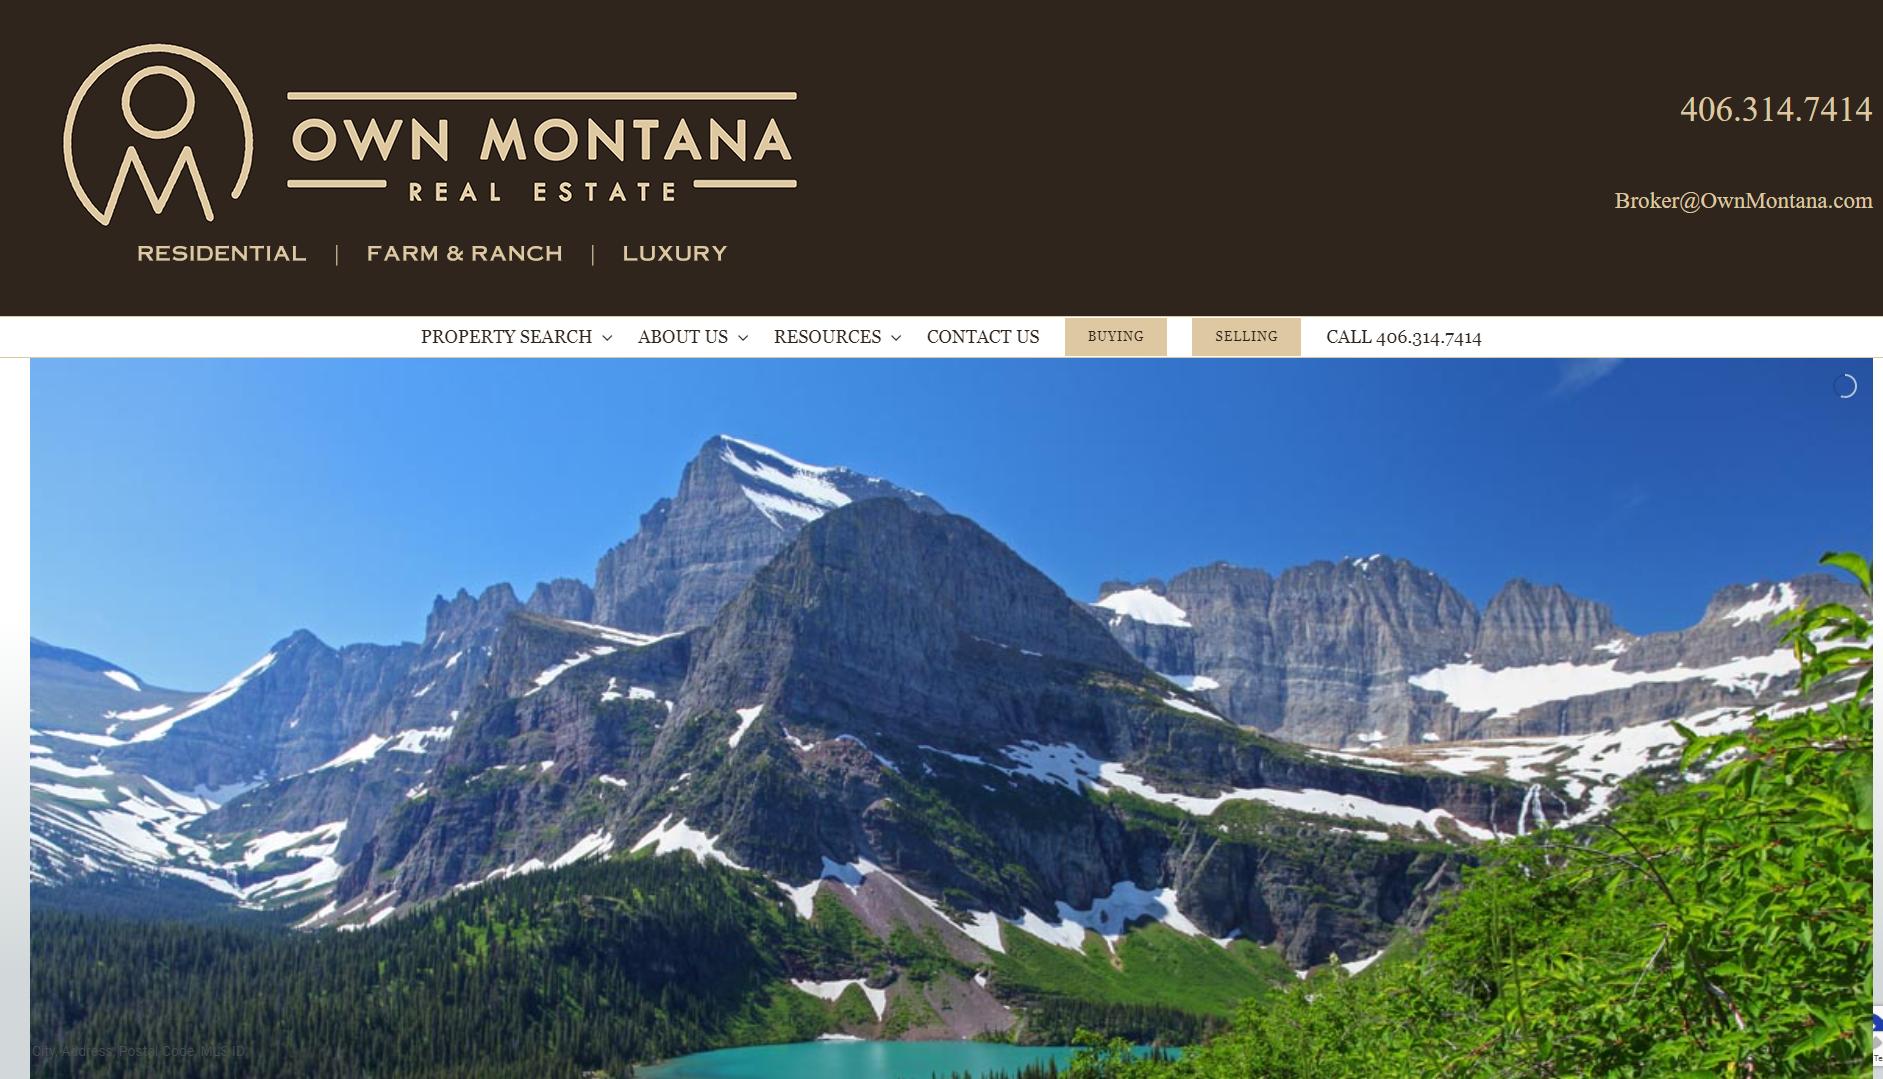 Own Montana Real Estate – Whitefish, Montana